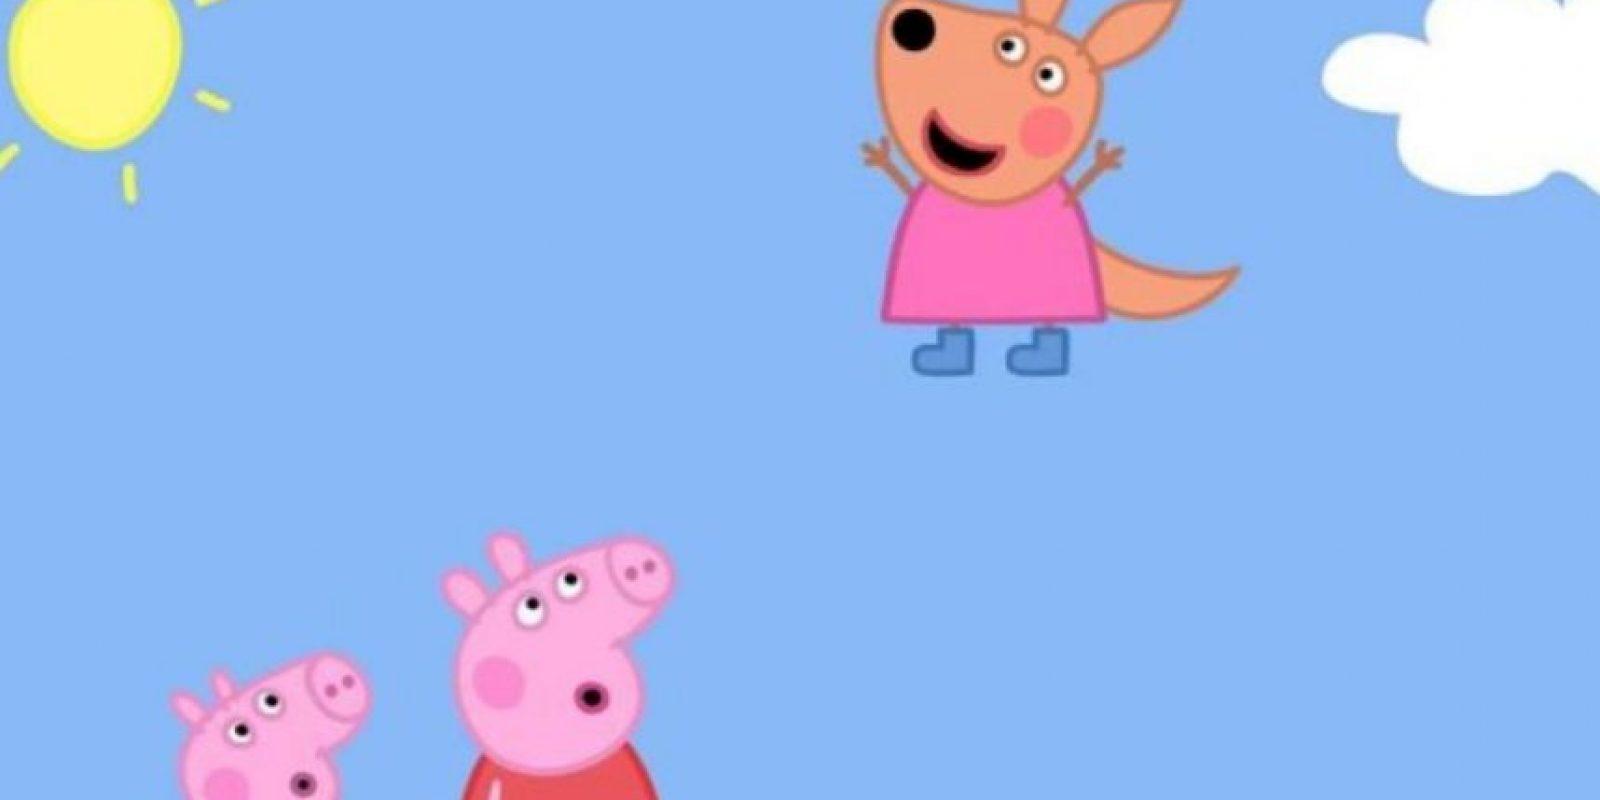 """Padres aseguran que """"Peppa Pig"""" le enseñó groserías a su hijo.En marzo de este año la famosa cerdita """"Peppa Pig"""" se vio involucrada en un escándalo. Una familia de Londres reportó que su hijo aprendió a decir una grosería después de jugar con una tableta del personaje. Foto:vía Facebook.com/Discoverykidsla"""